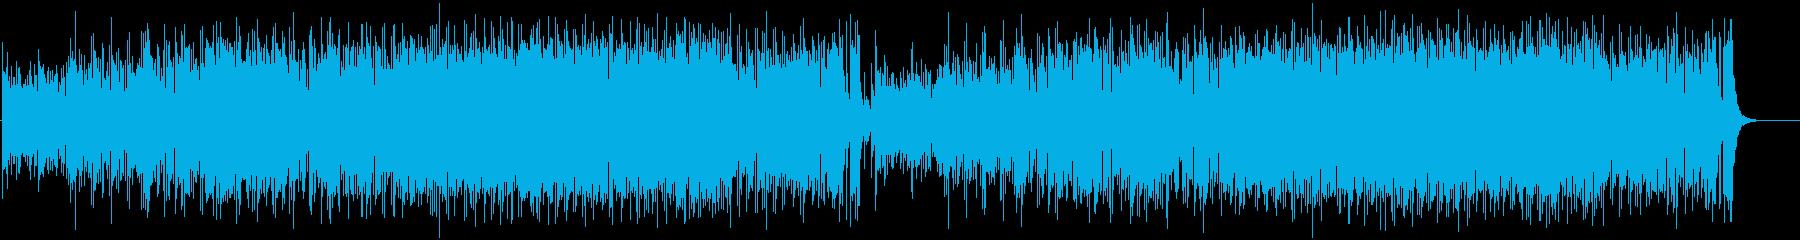 お洒落でムードのあるジャズの曲の再生済みの波形